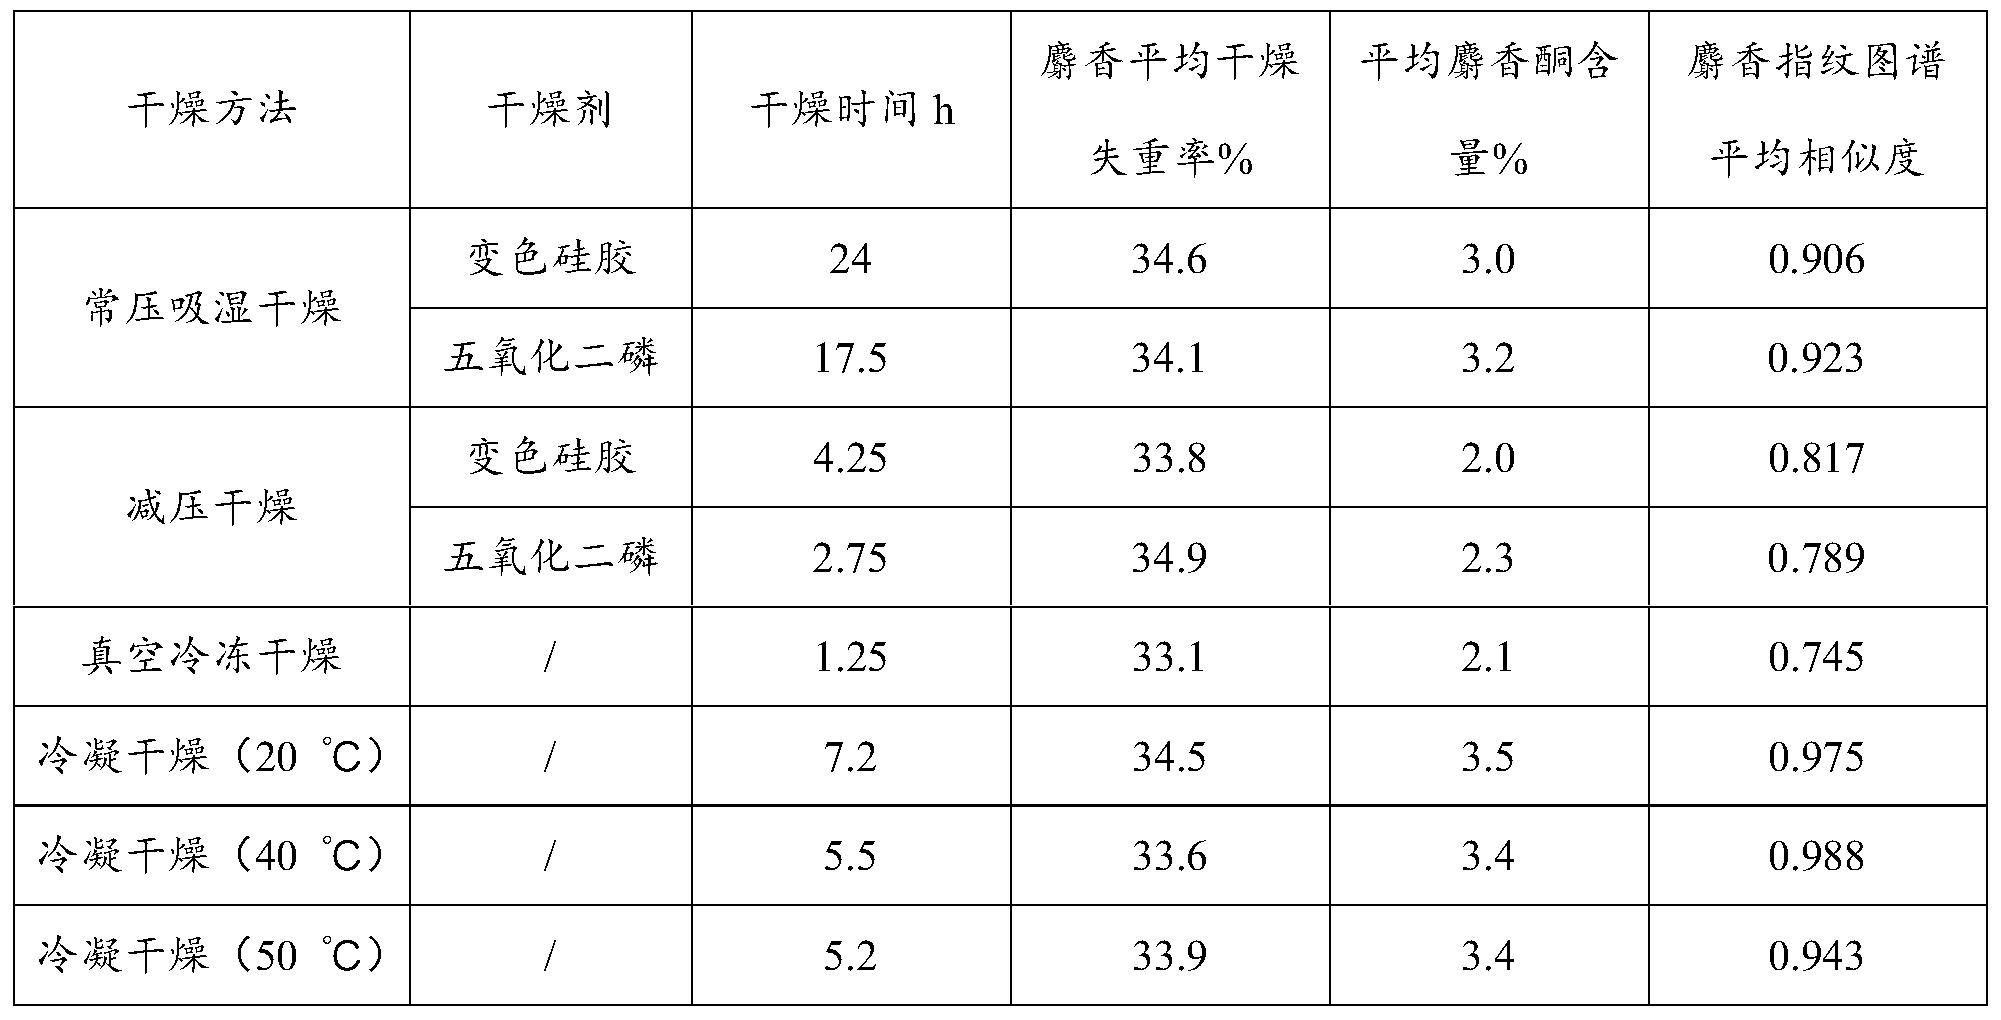 Figure PCTCN2018105805-appb-000001